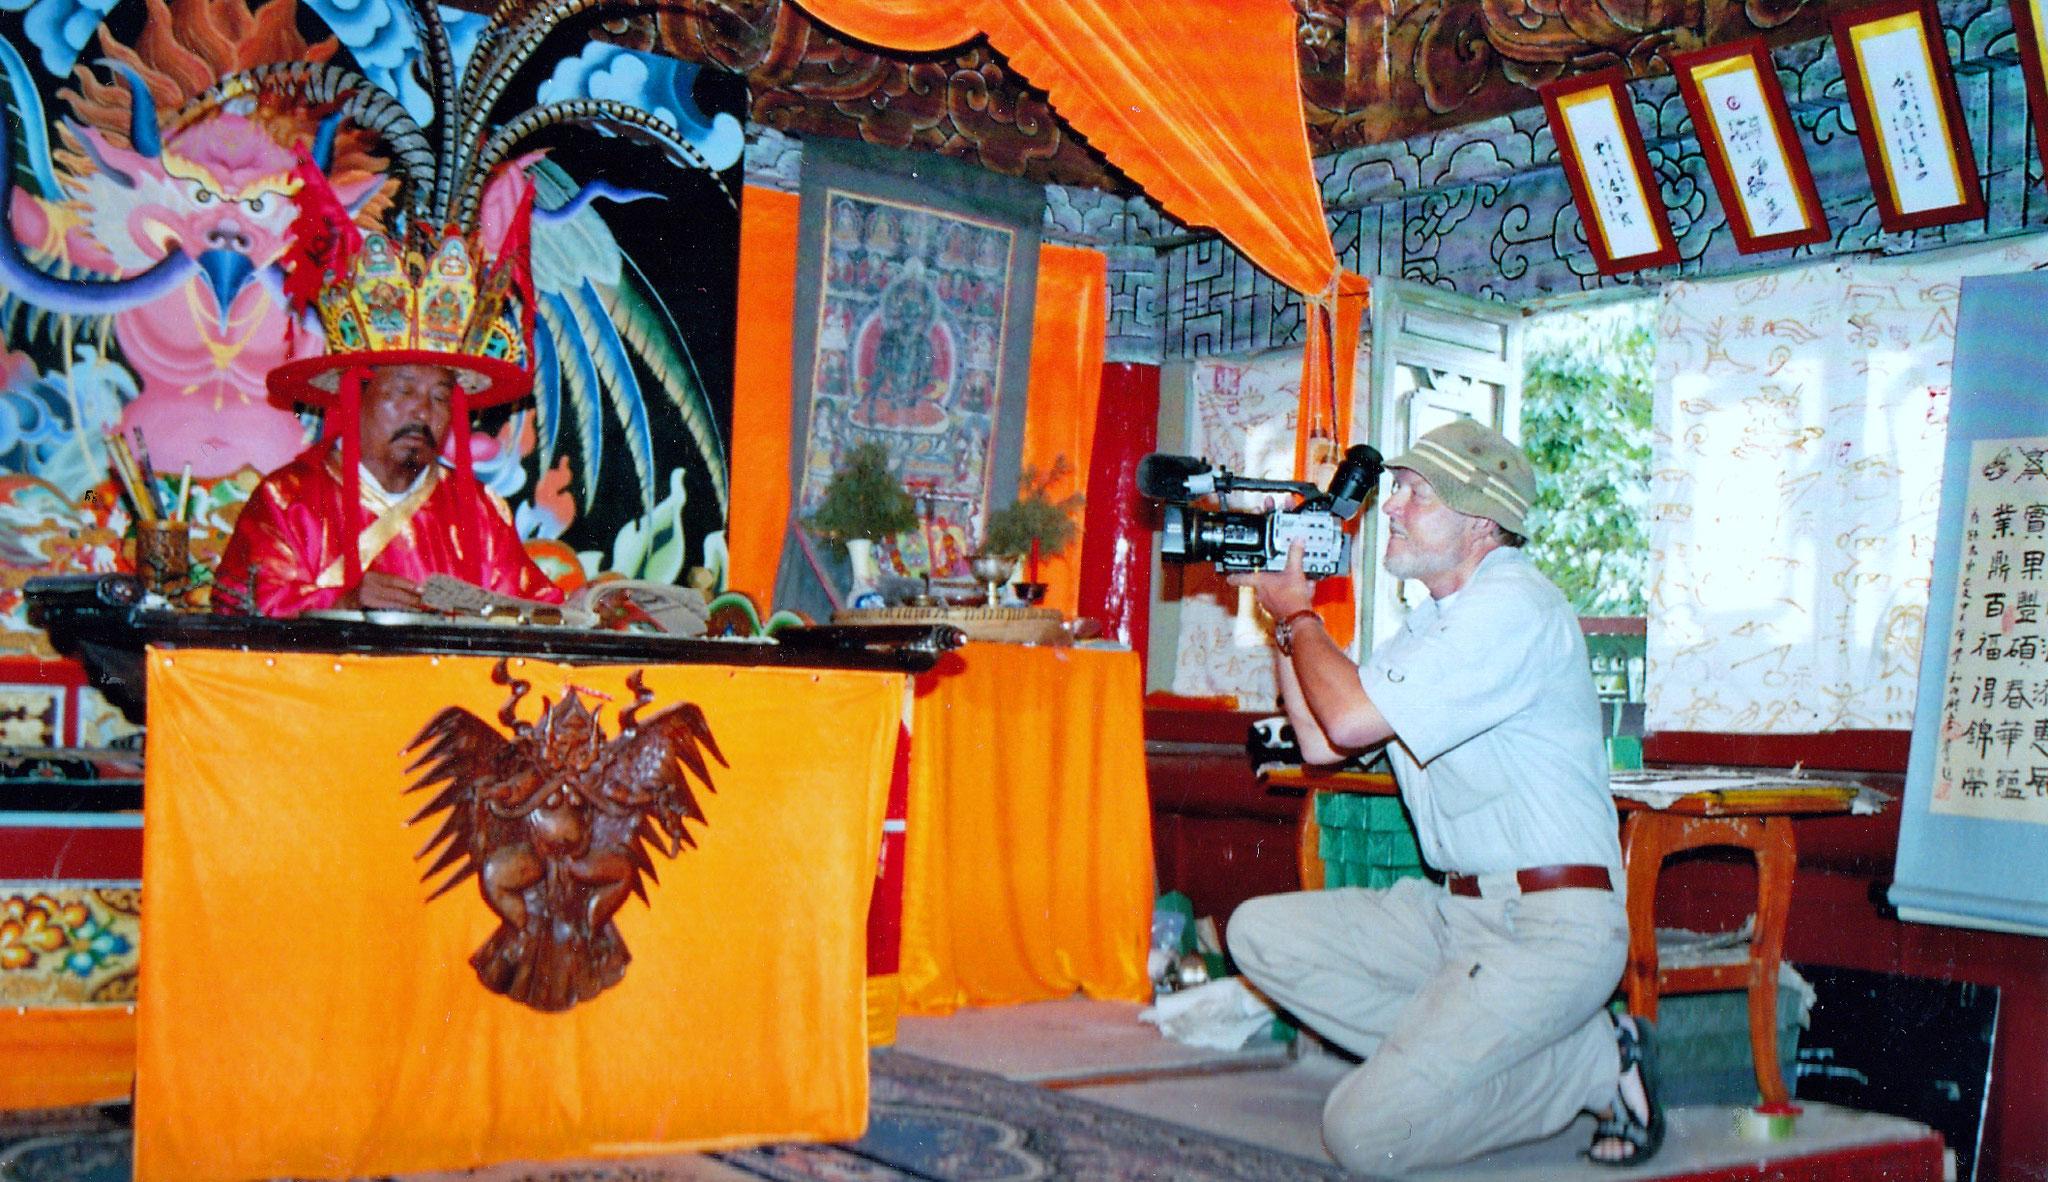 Der Dongba-Schamane erzählt aus seiner Kultur